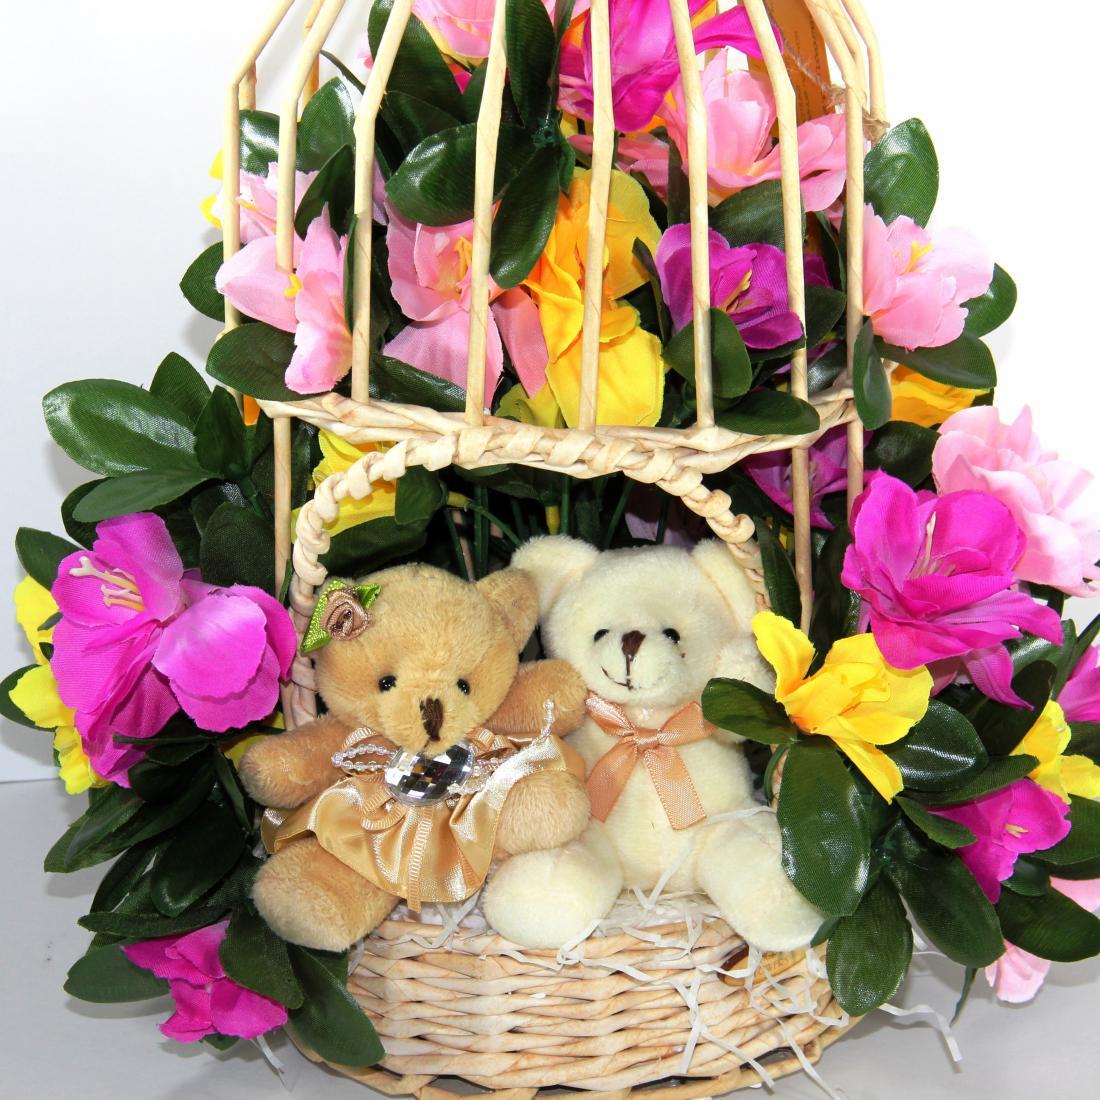 """Подарочные композиции из конфет, мягких игрушек и цветов от 18 руб. в магазине """"RоyalArt"""""""